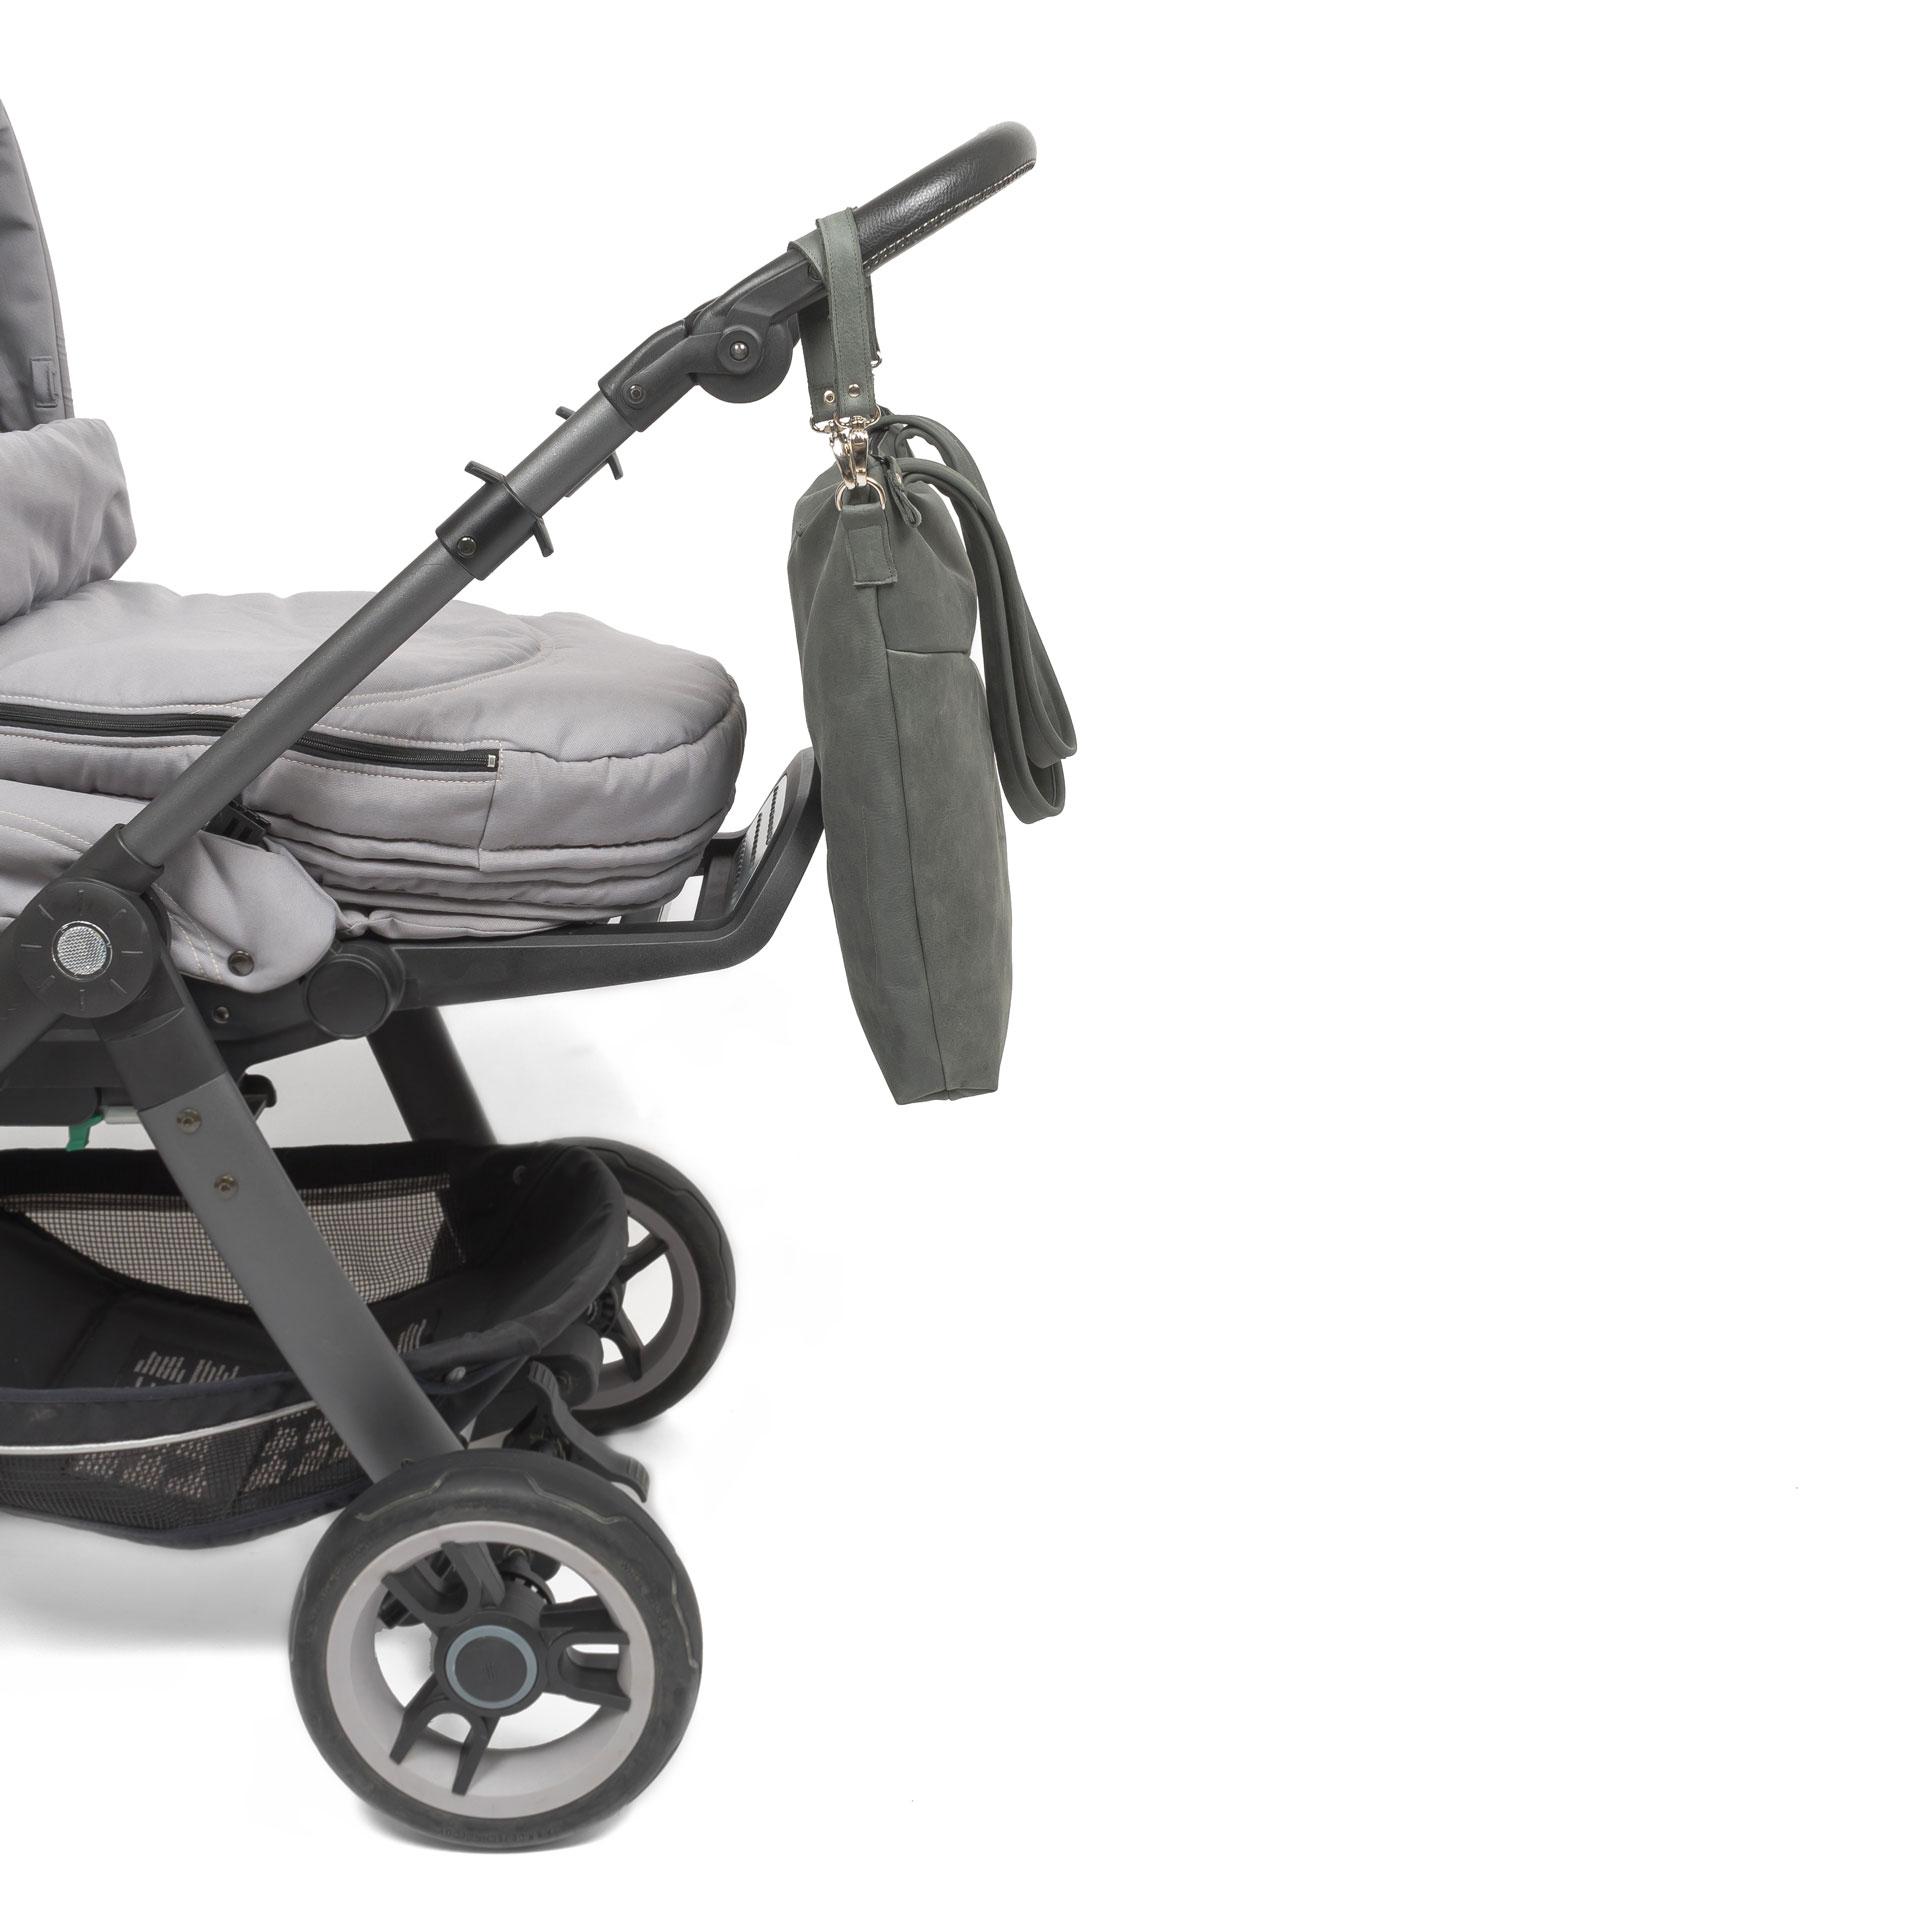 Seitenansicht der Wickeltasche MIA MIDI aus nachhaltigem Naturleder in Steingrau mit Aufhängungen an Kinderwagen befestigt